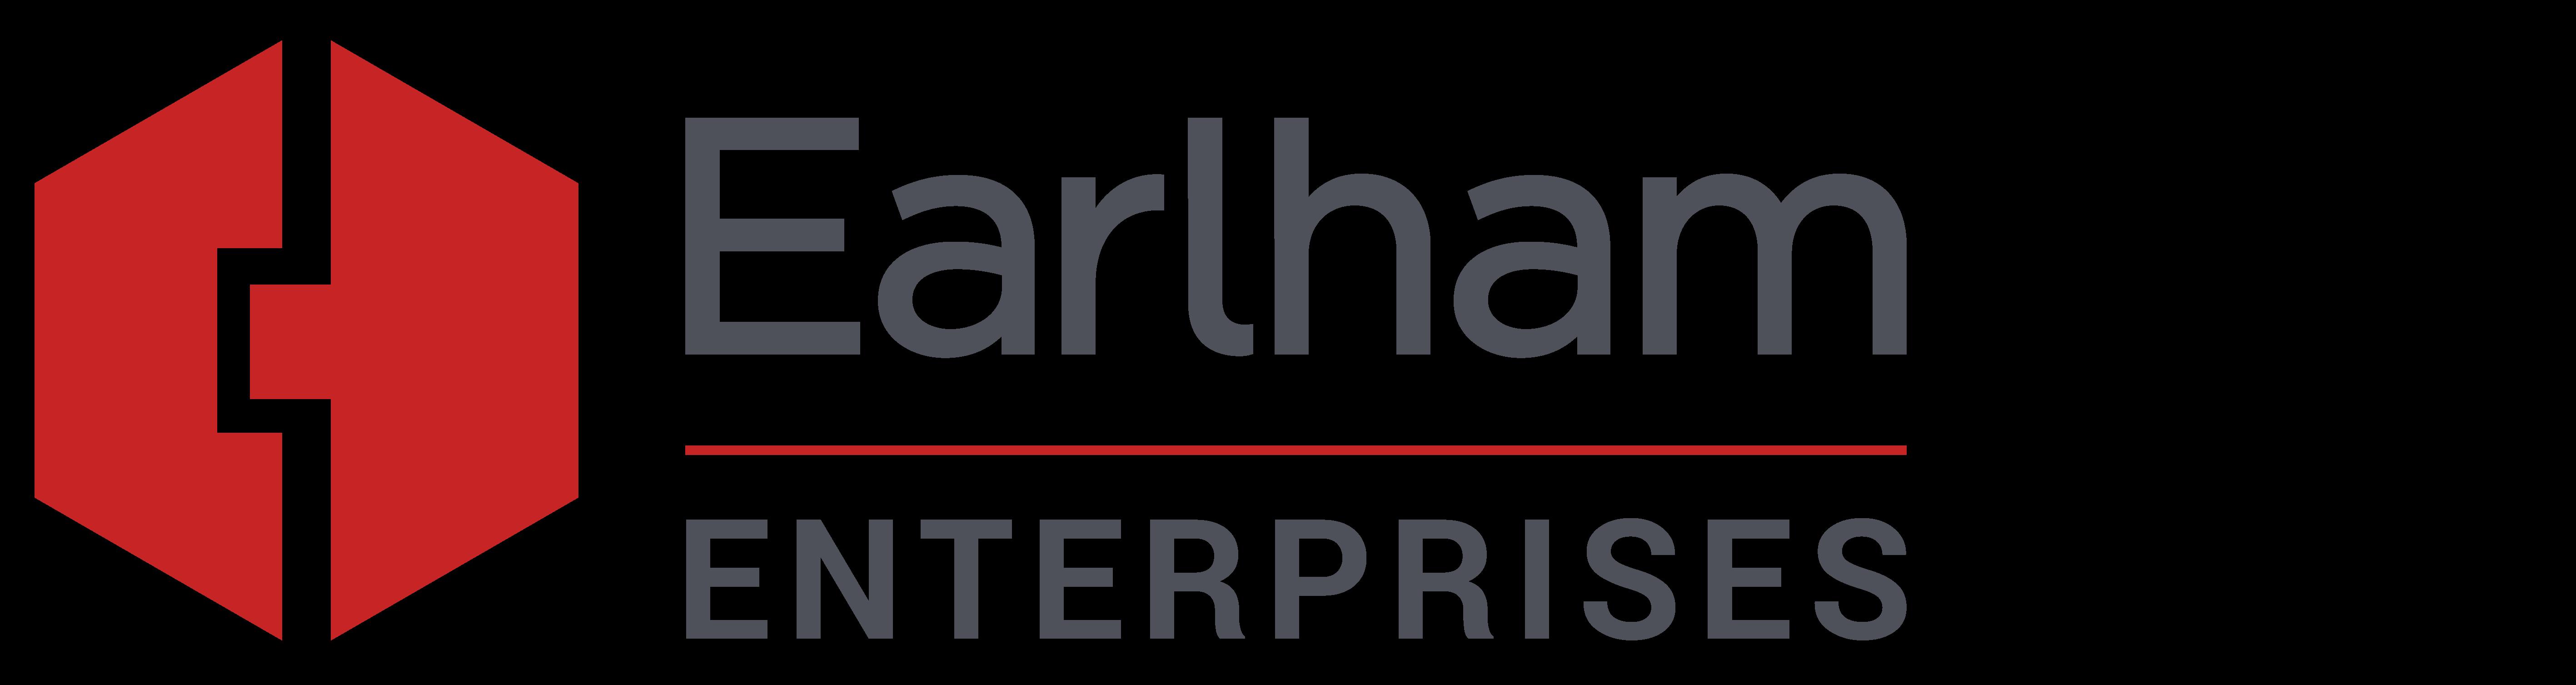 Earlham Enterprises Ltd Logo